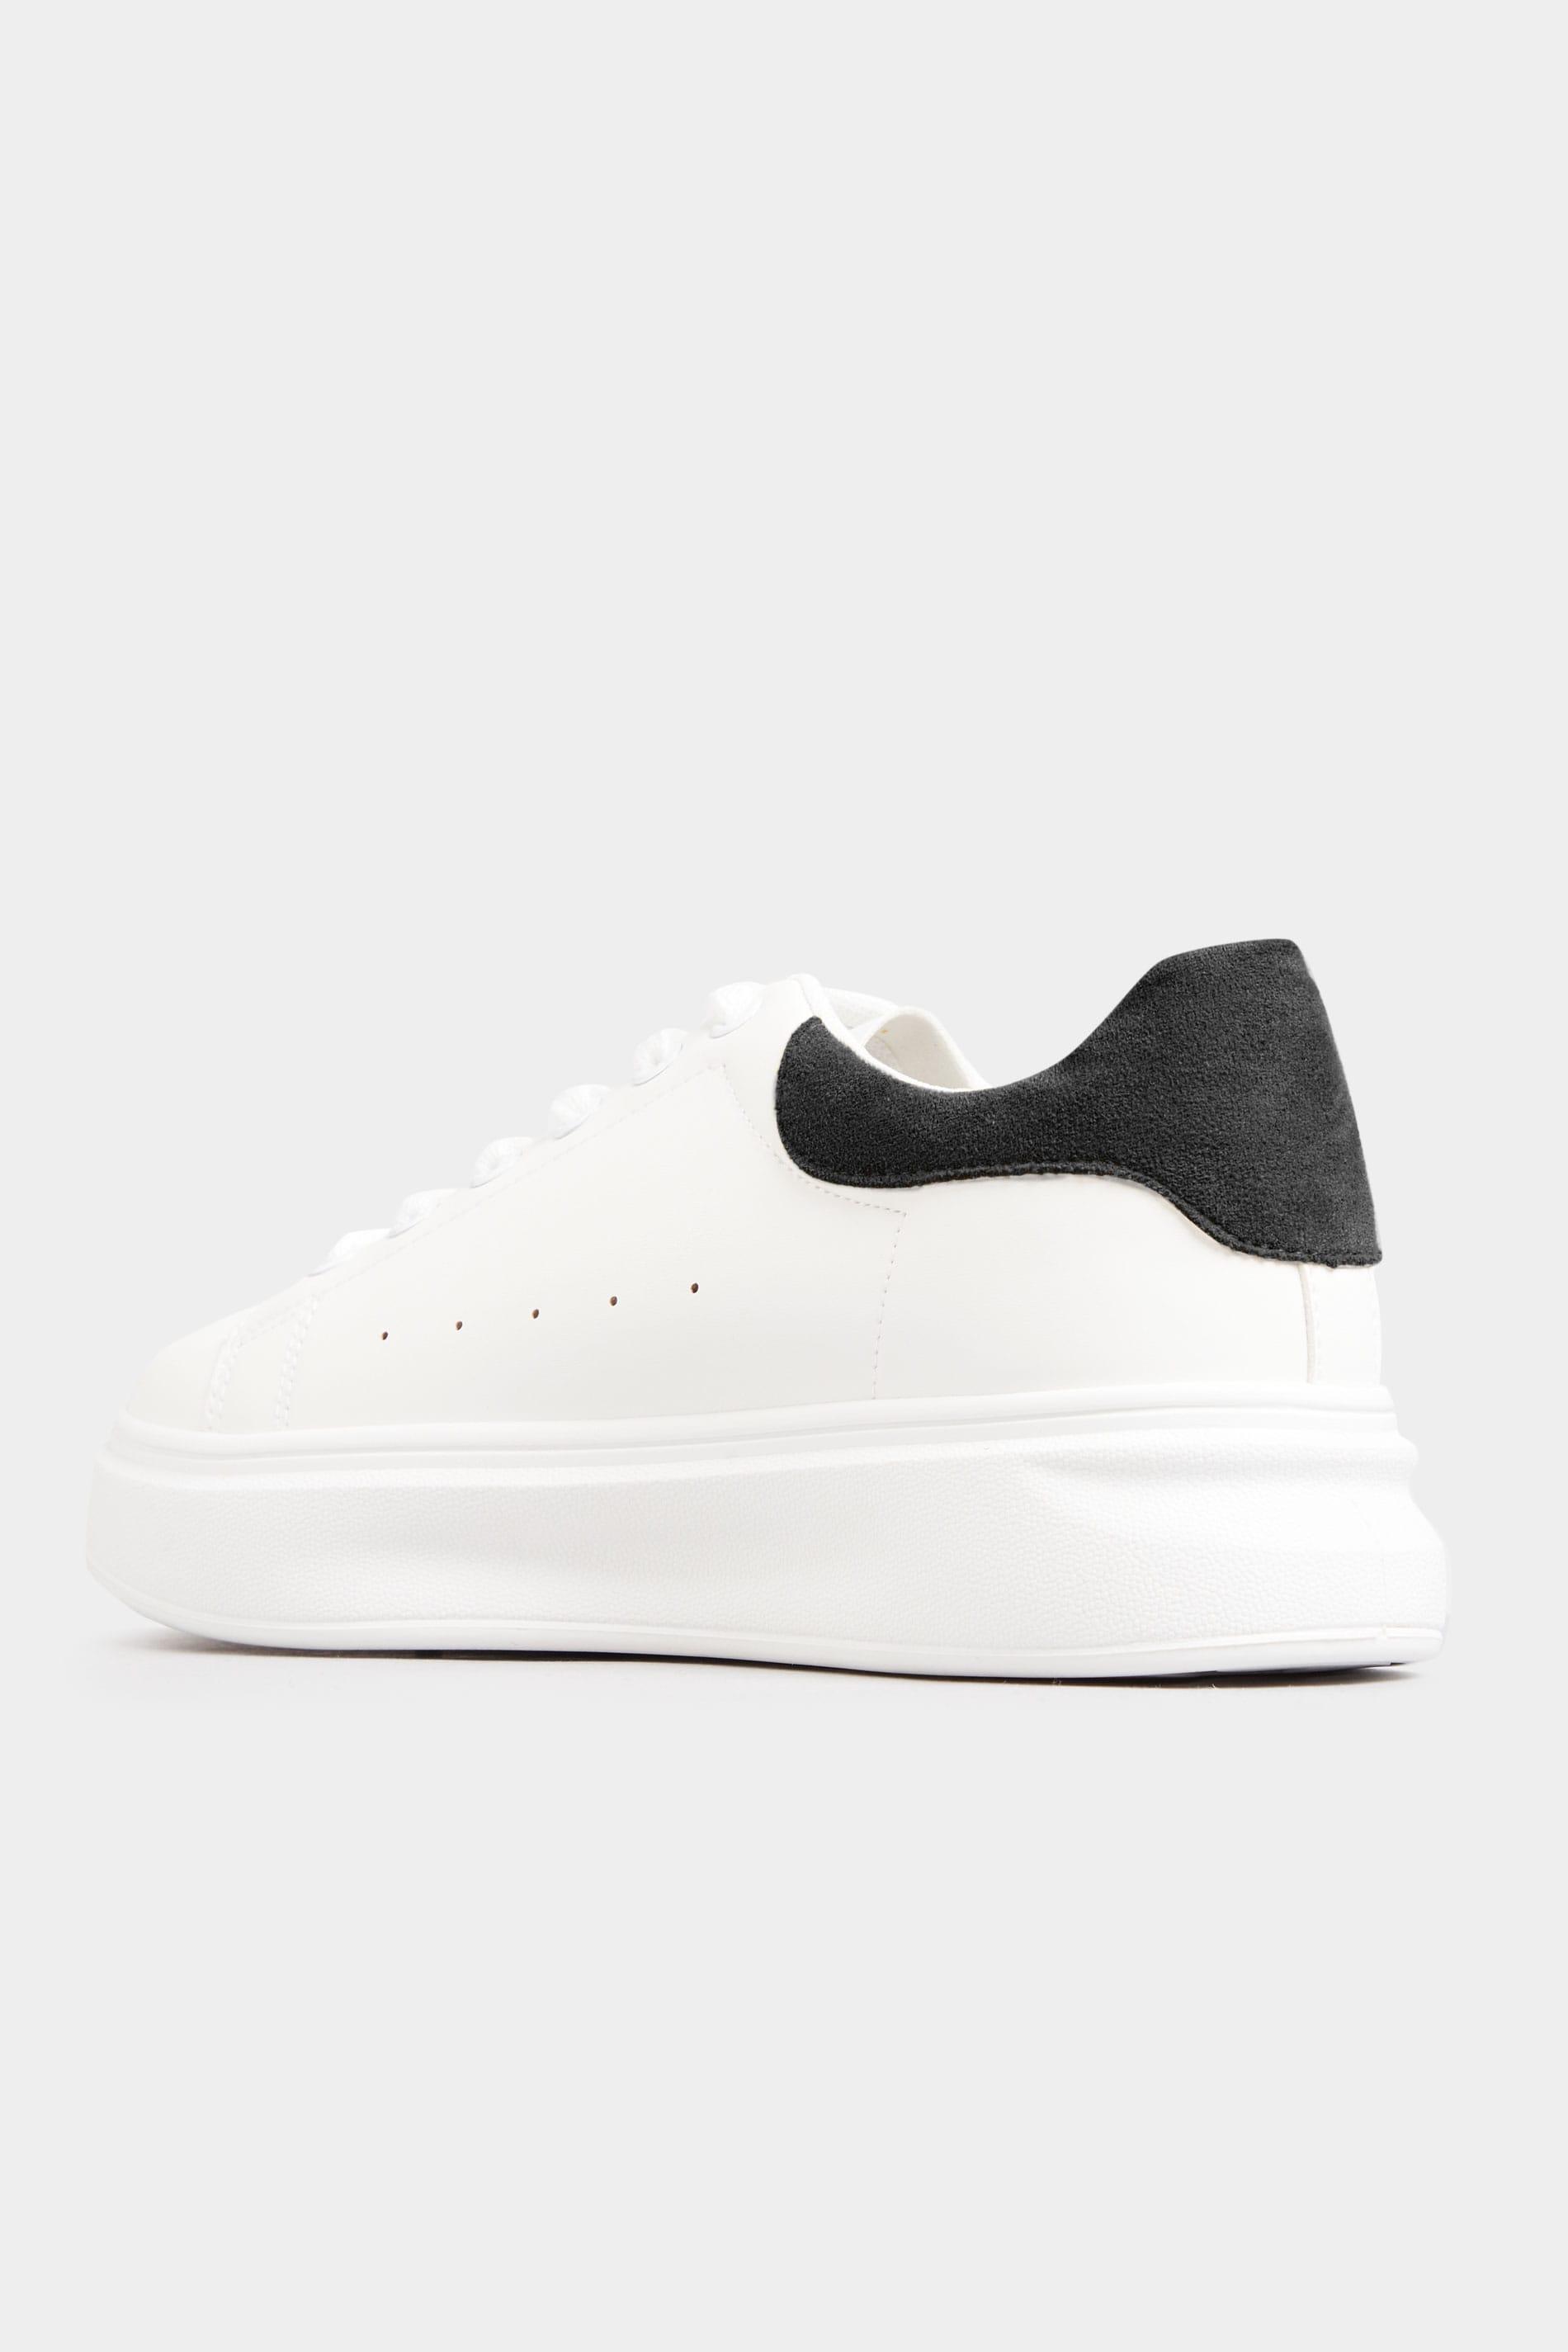 LIMITED COLLECTION Buty sportowe białe z czarnym brzegiem